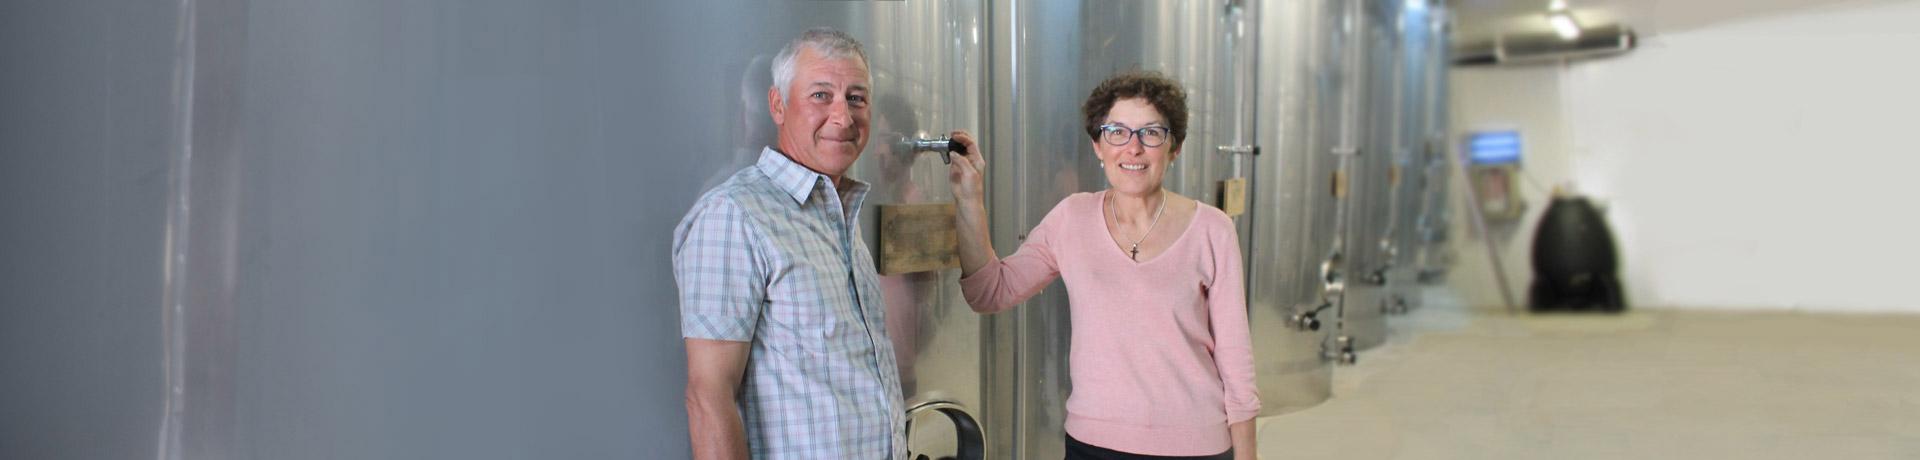 Domaine Barillot Vins Pouilly-Fumé